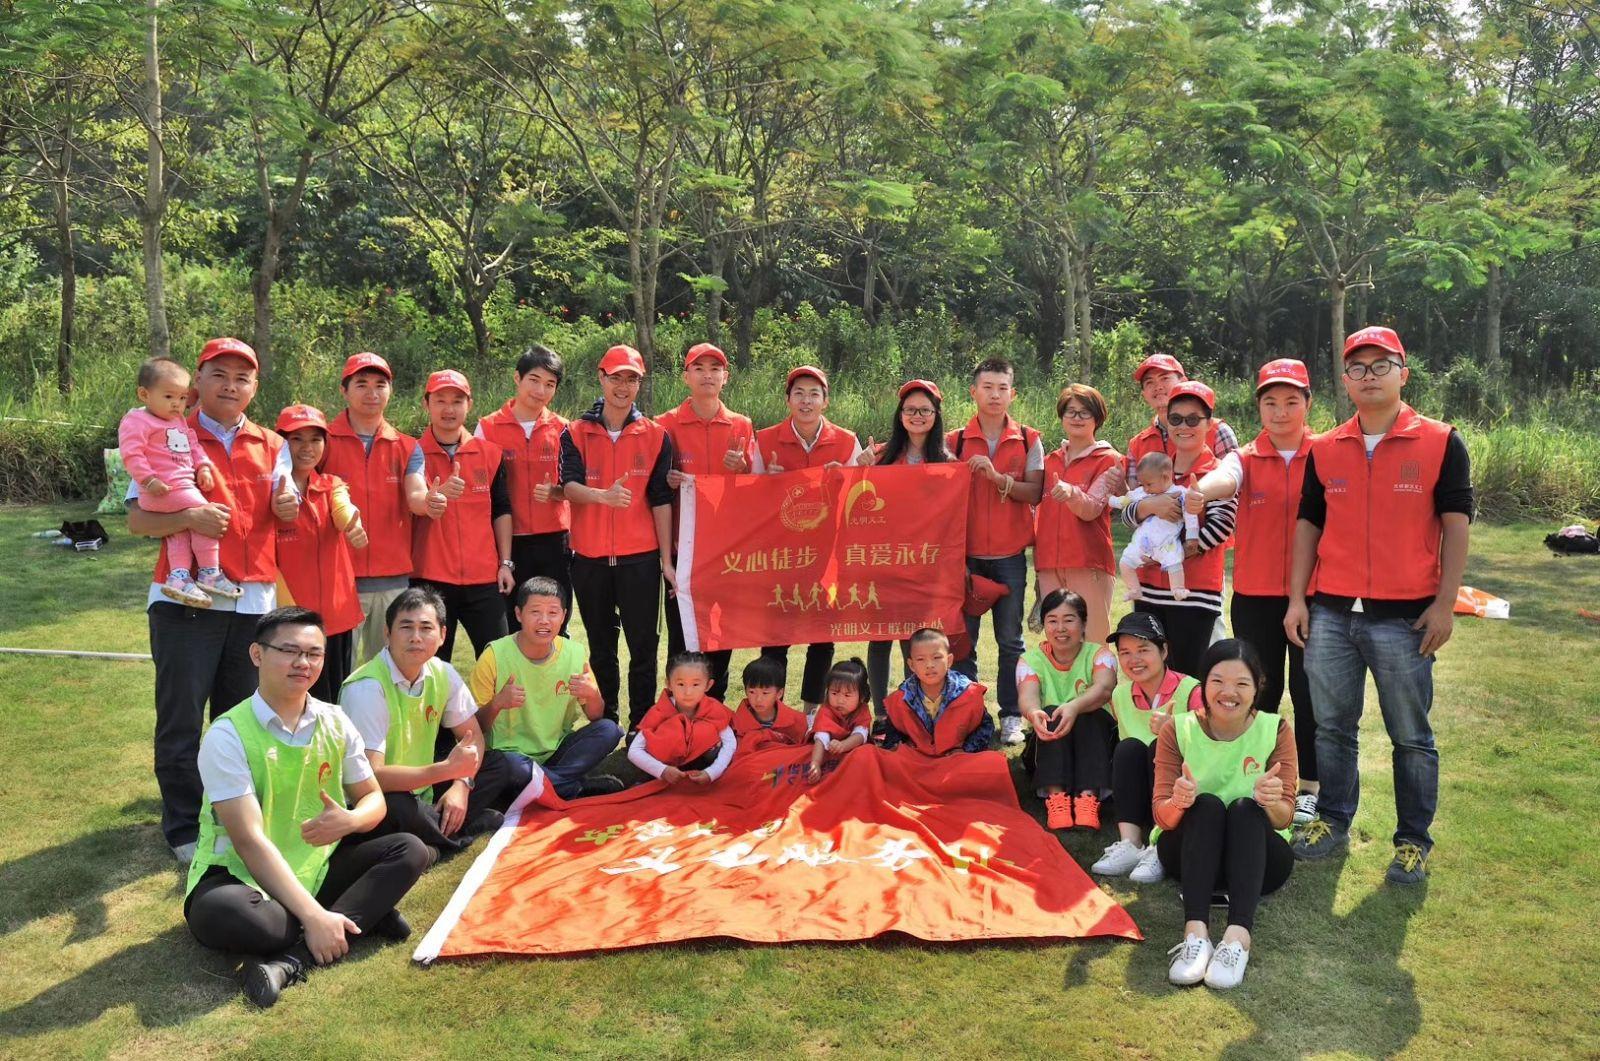 【绿色新城,志愿同行】华星光电亲子义工爱心徒步活动